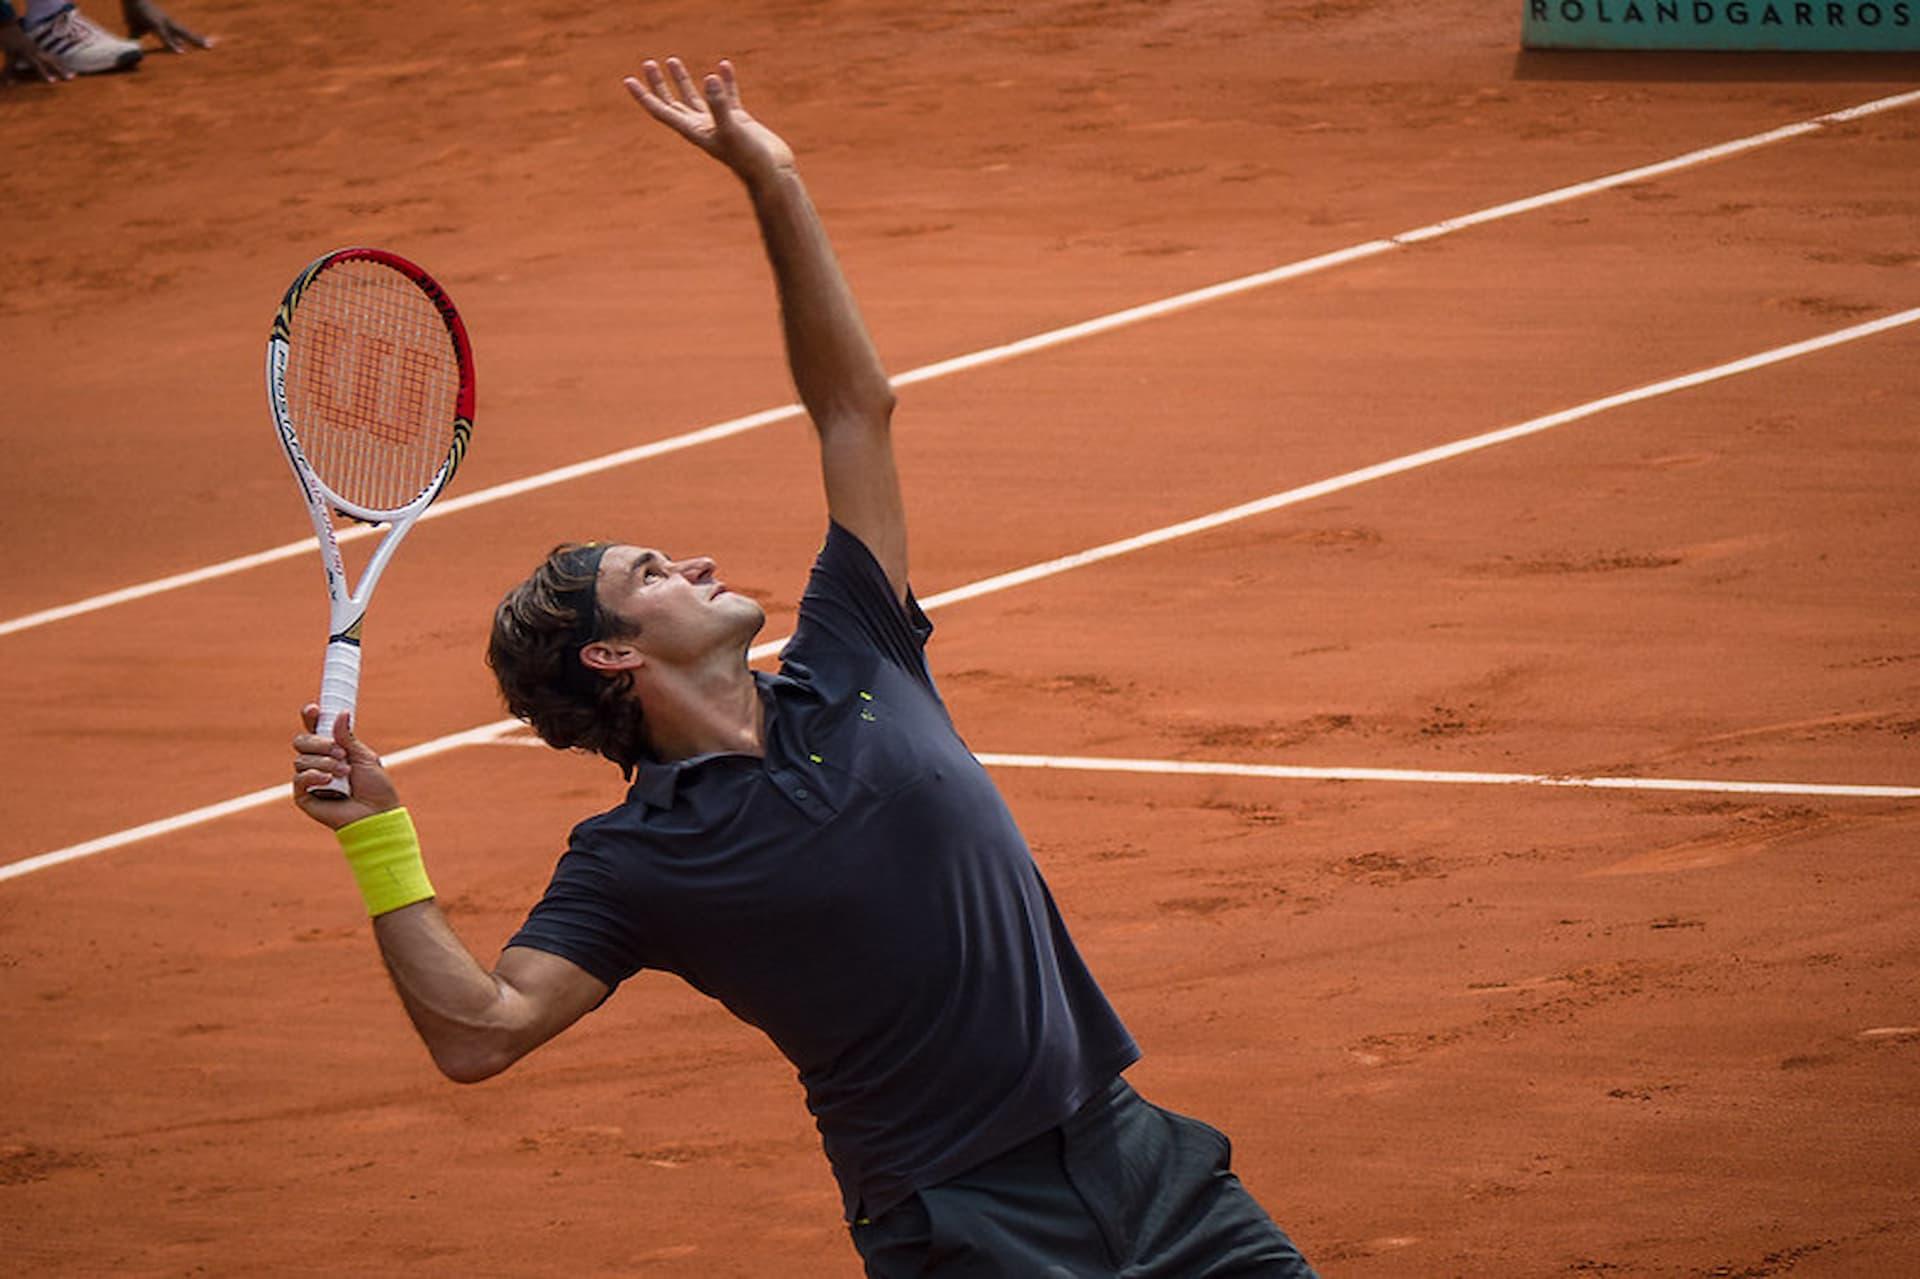 Roger Federer se prepara para realizar um saque durante partida em quadra de saibro